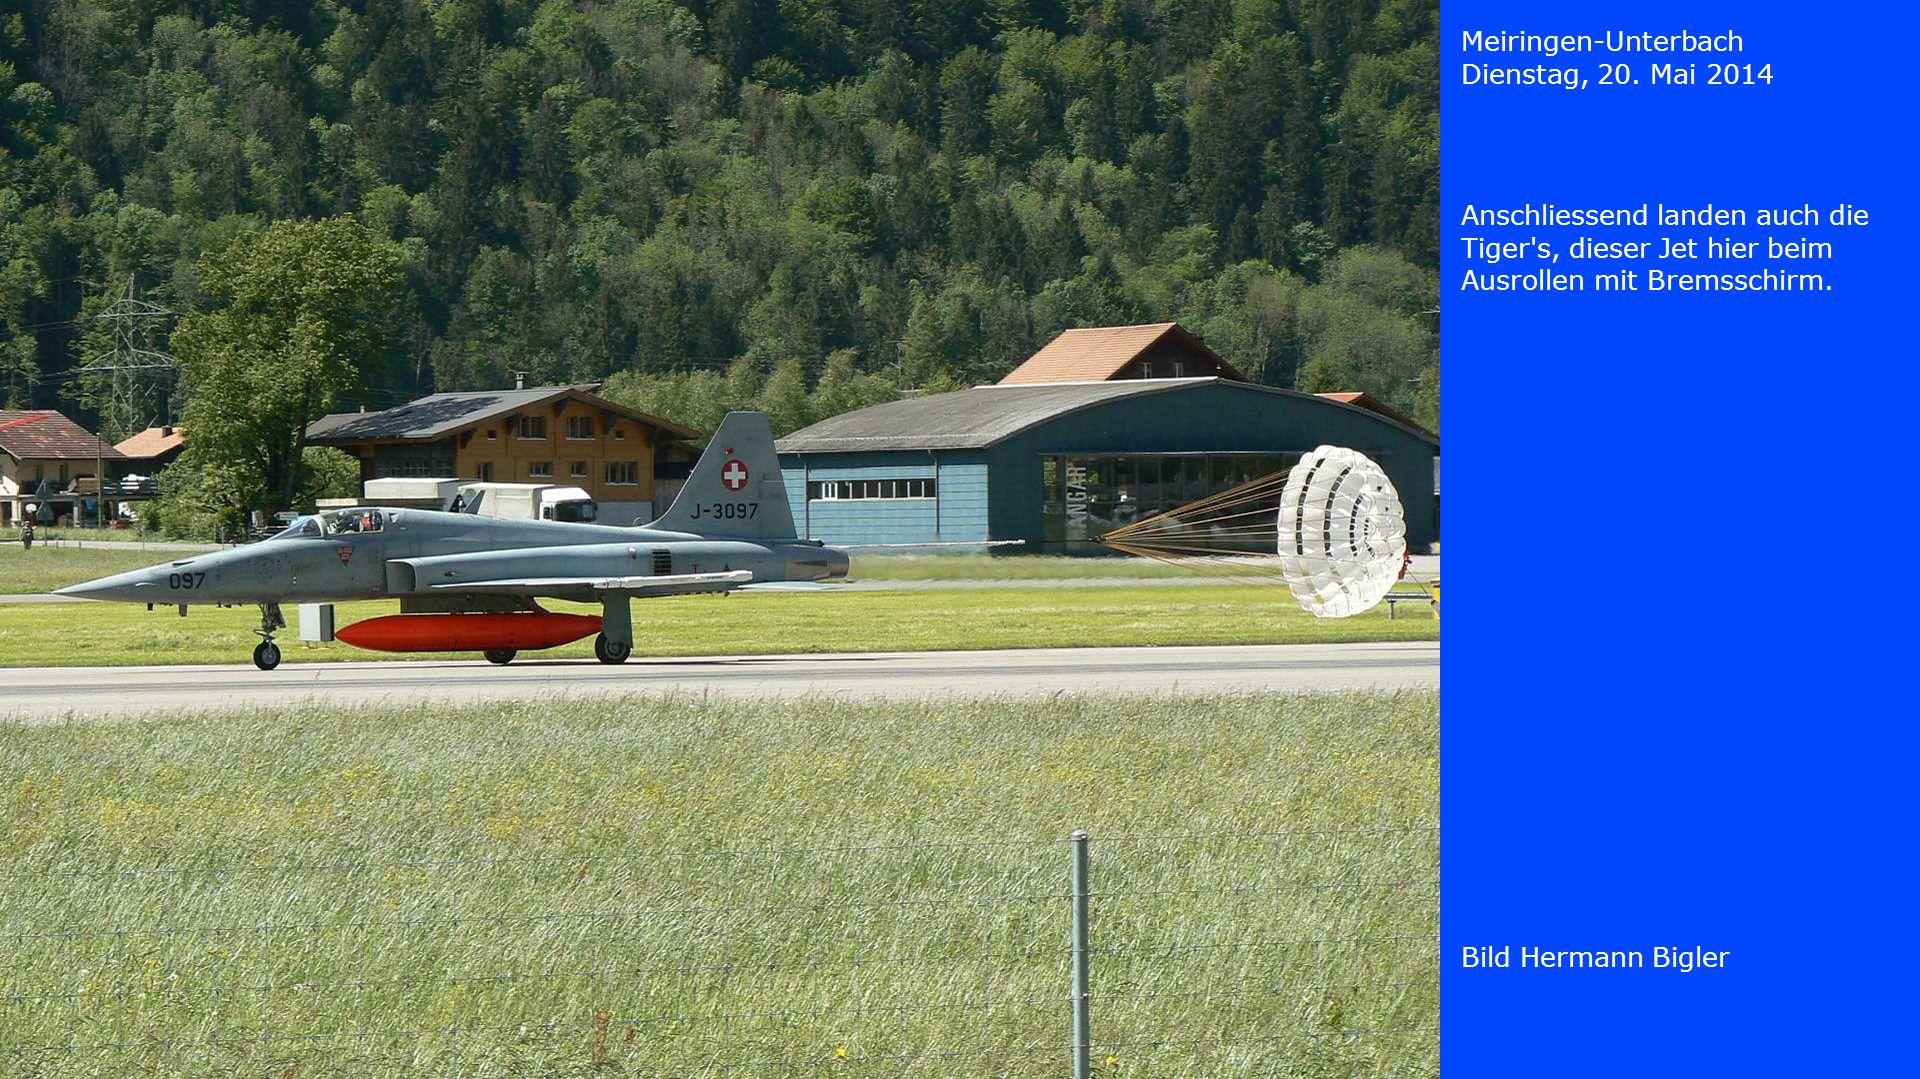 Meiringen-Unterbach Dienstag, 20. Mai 2014. Anschliessend landen auch die Tiger s, dieser Jet hier beim Ausrollen mit Bremsschirm.